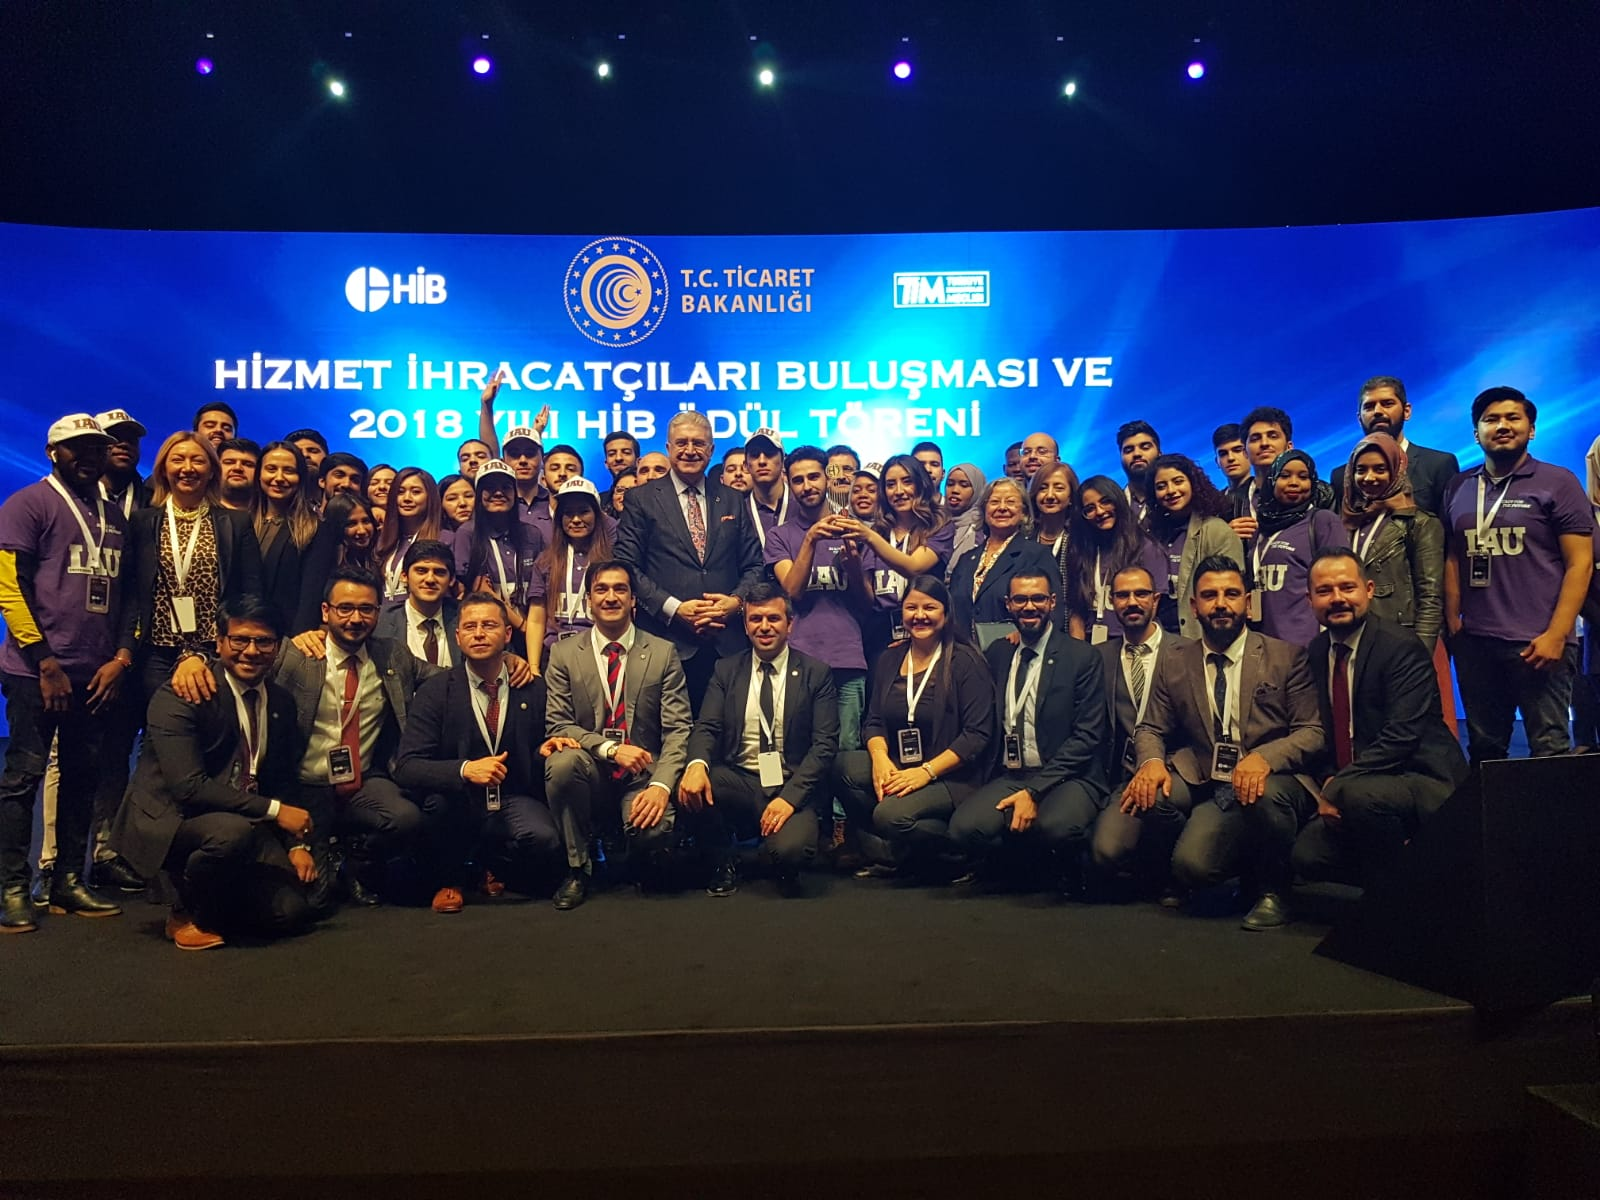 İAÜ  Türkiye'nin En Büyük 500 Hizmet İhracatçısında Birinci Oldu